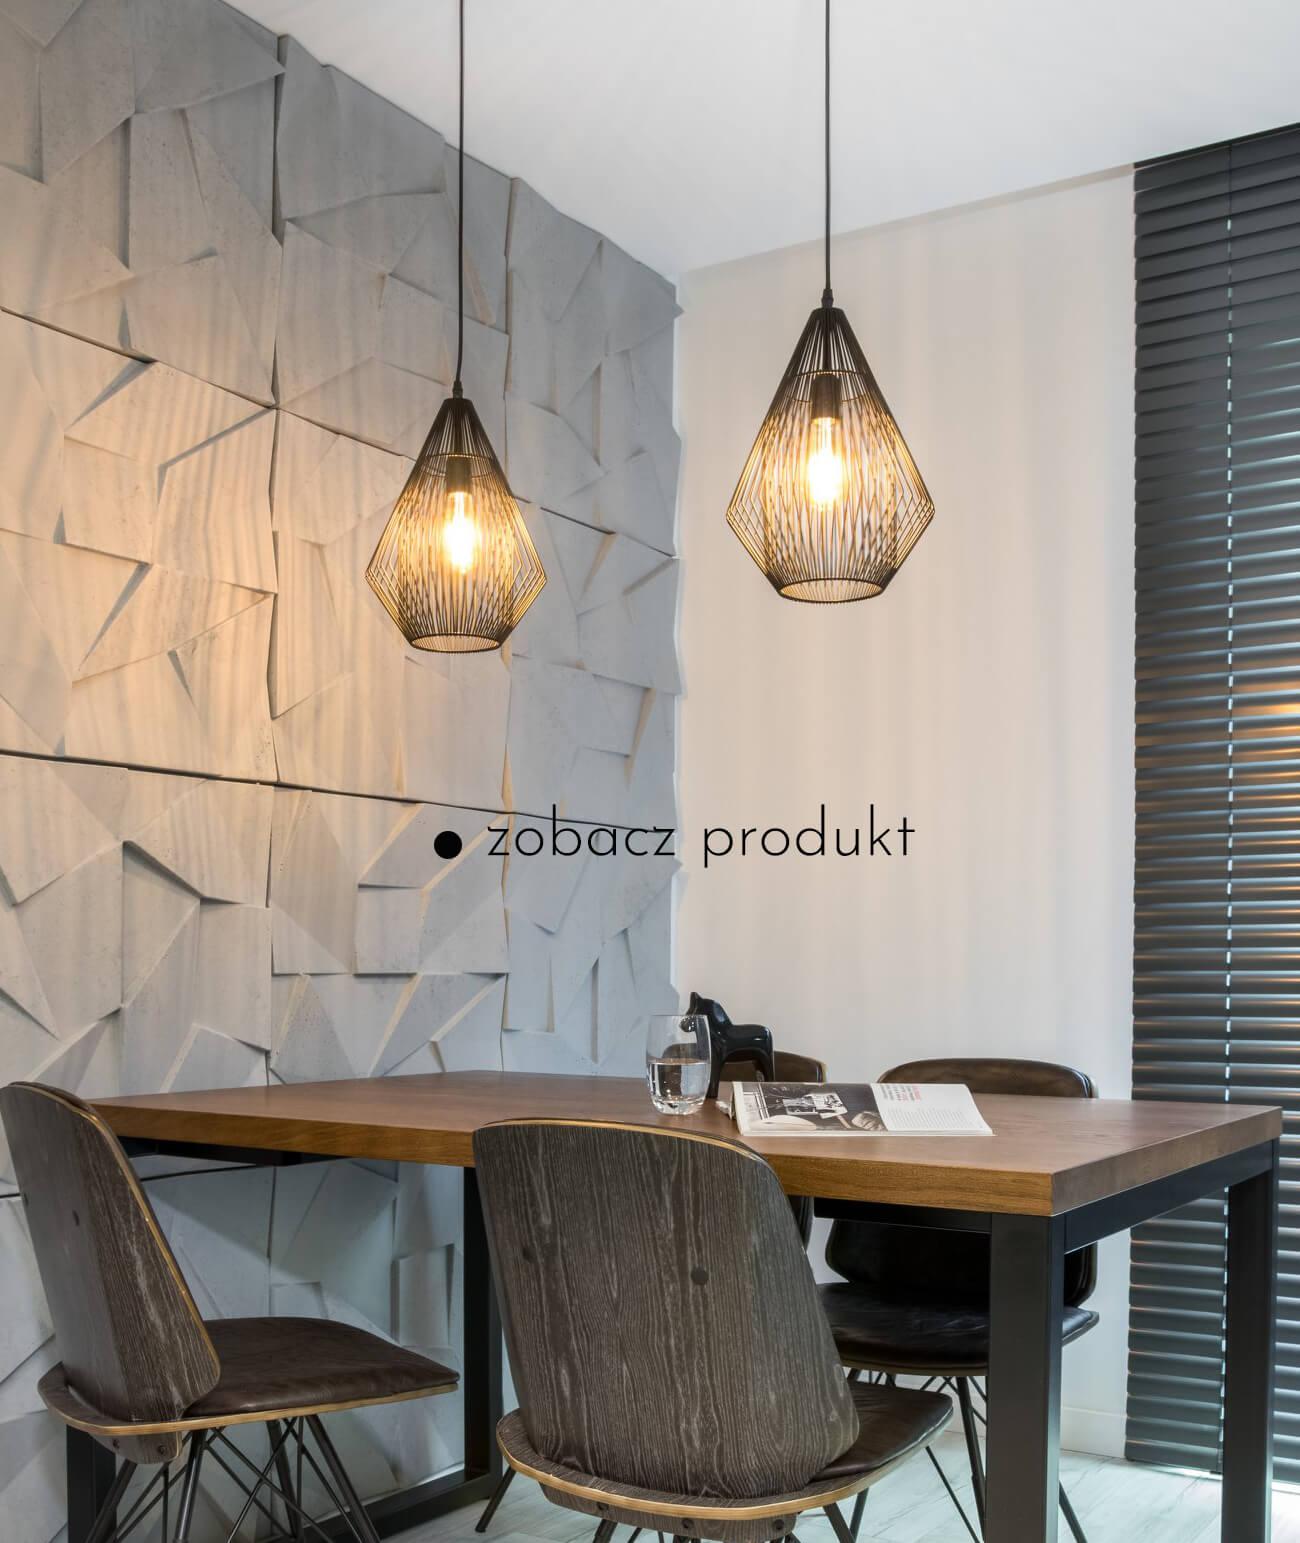 panele-betonowe-3d-scienne-i-elewacyjne-beton-architektoniczny_333-1819-pb06-s50-jasny-szary-mysi-origami---panel-dekor-3d-beton-architektoniczny-panel-scienny